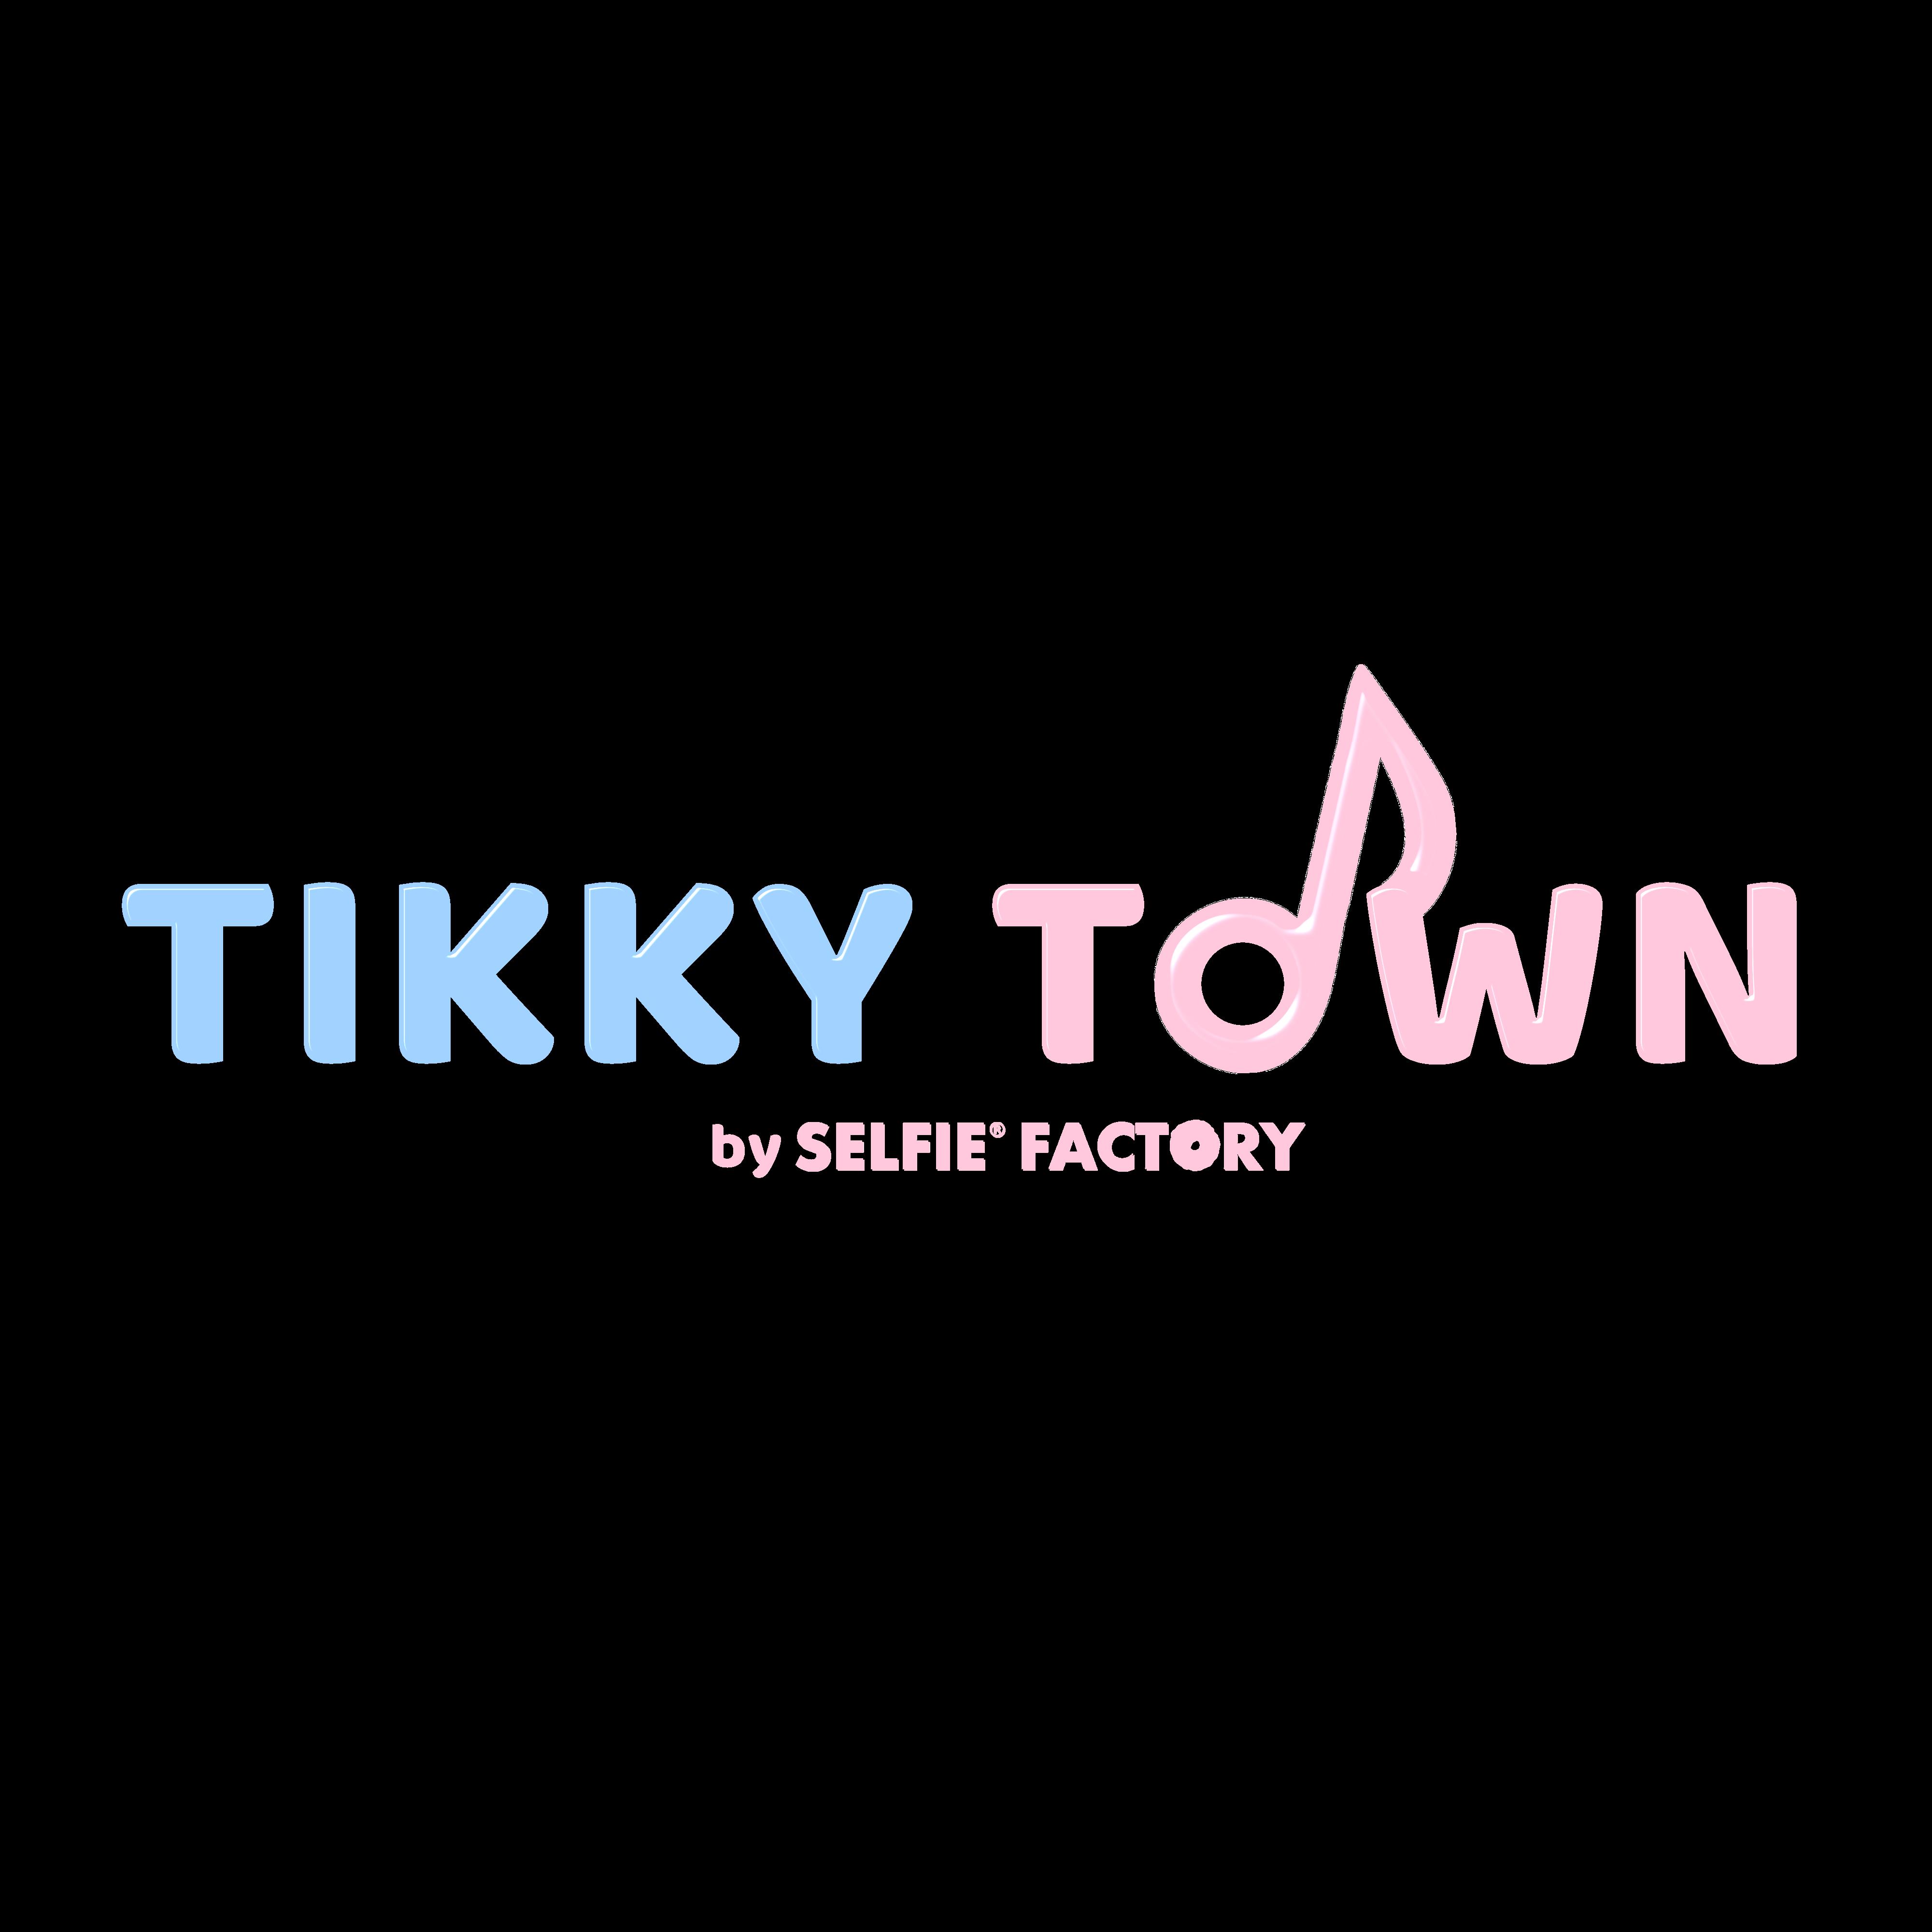 Tikky Town